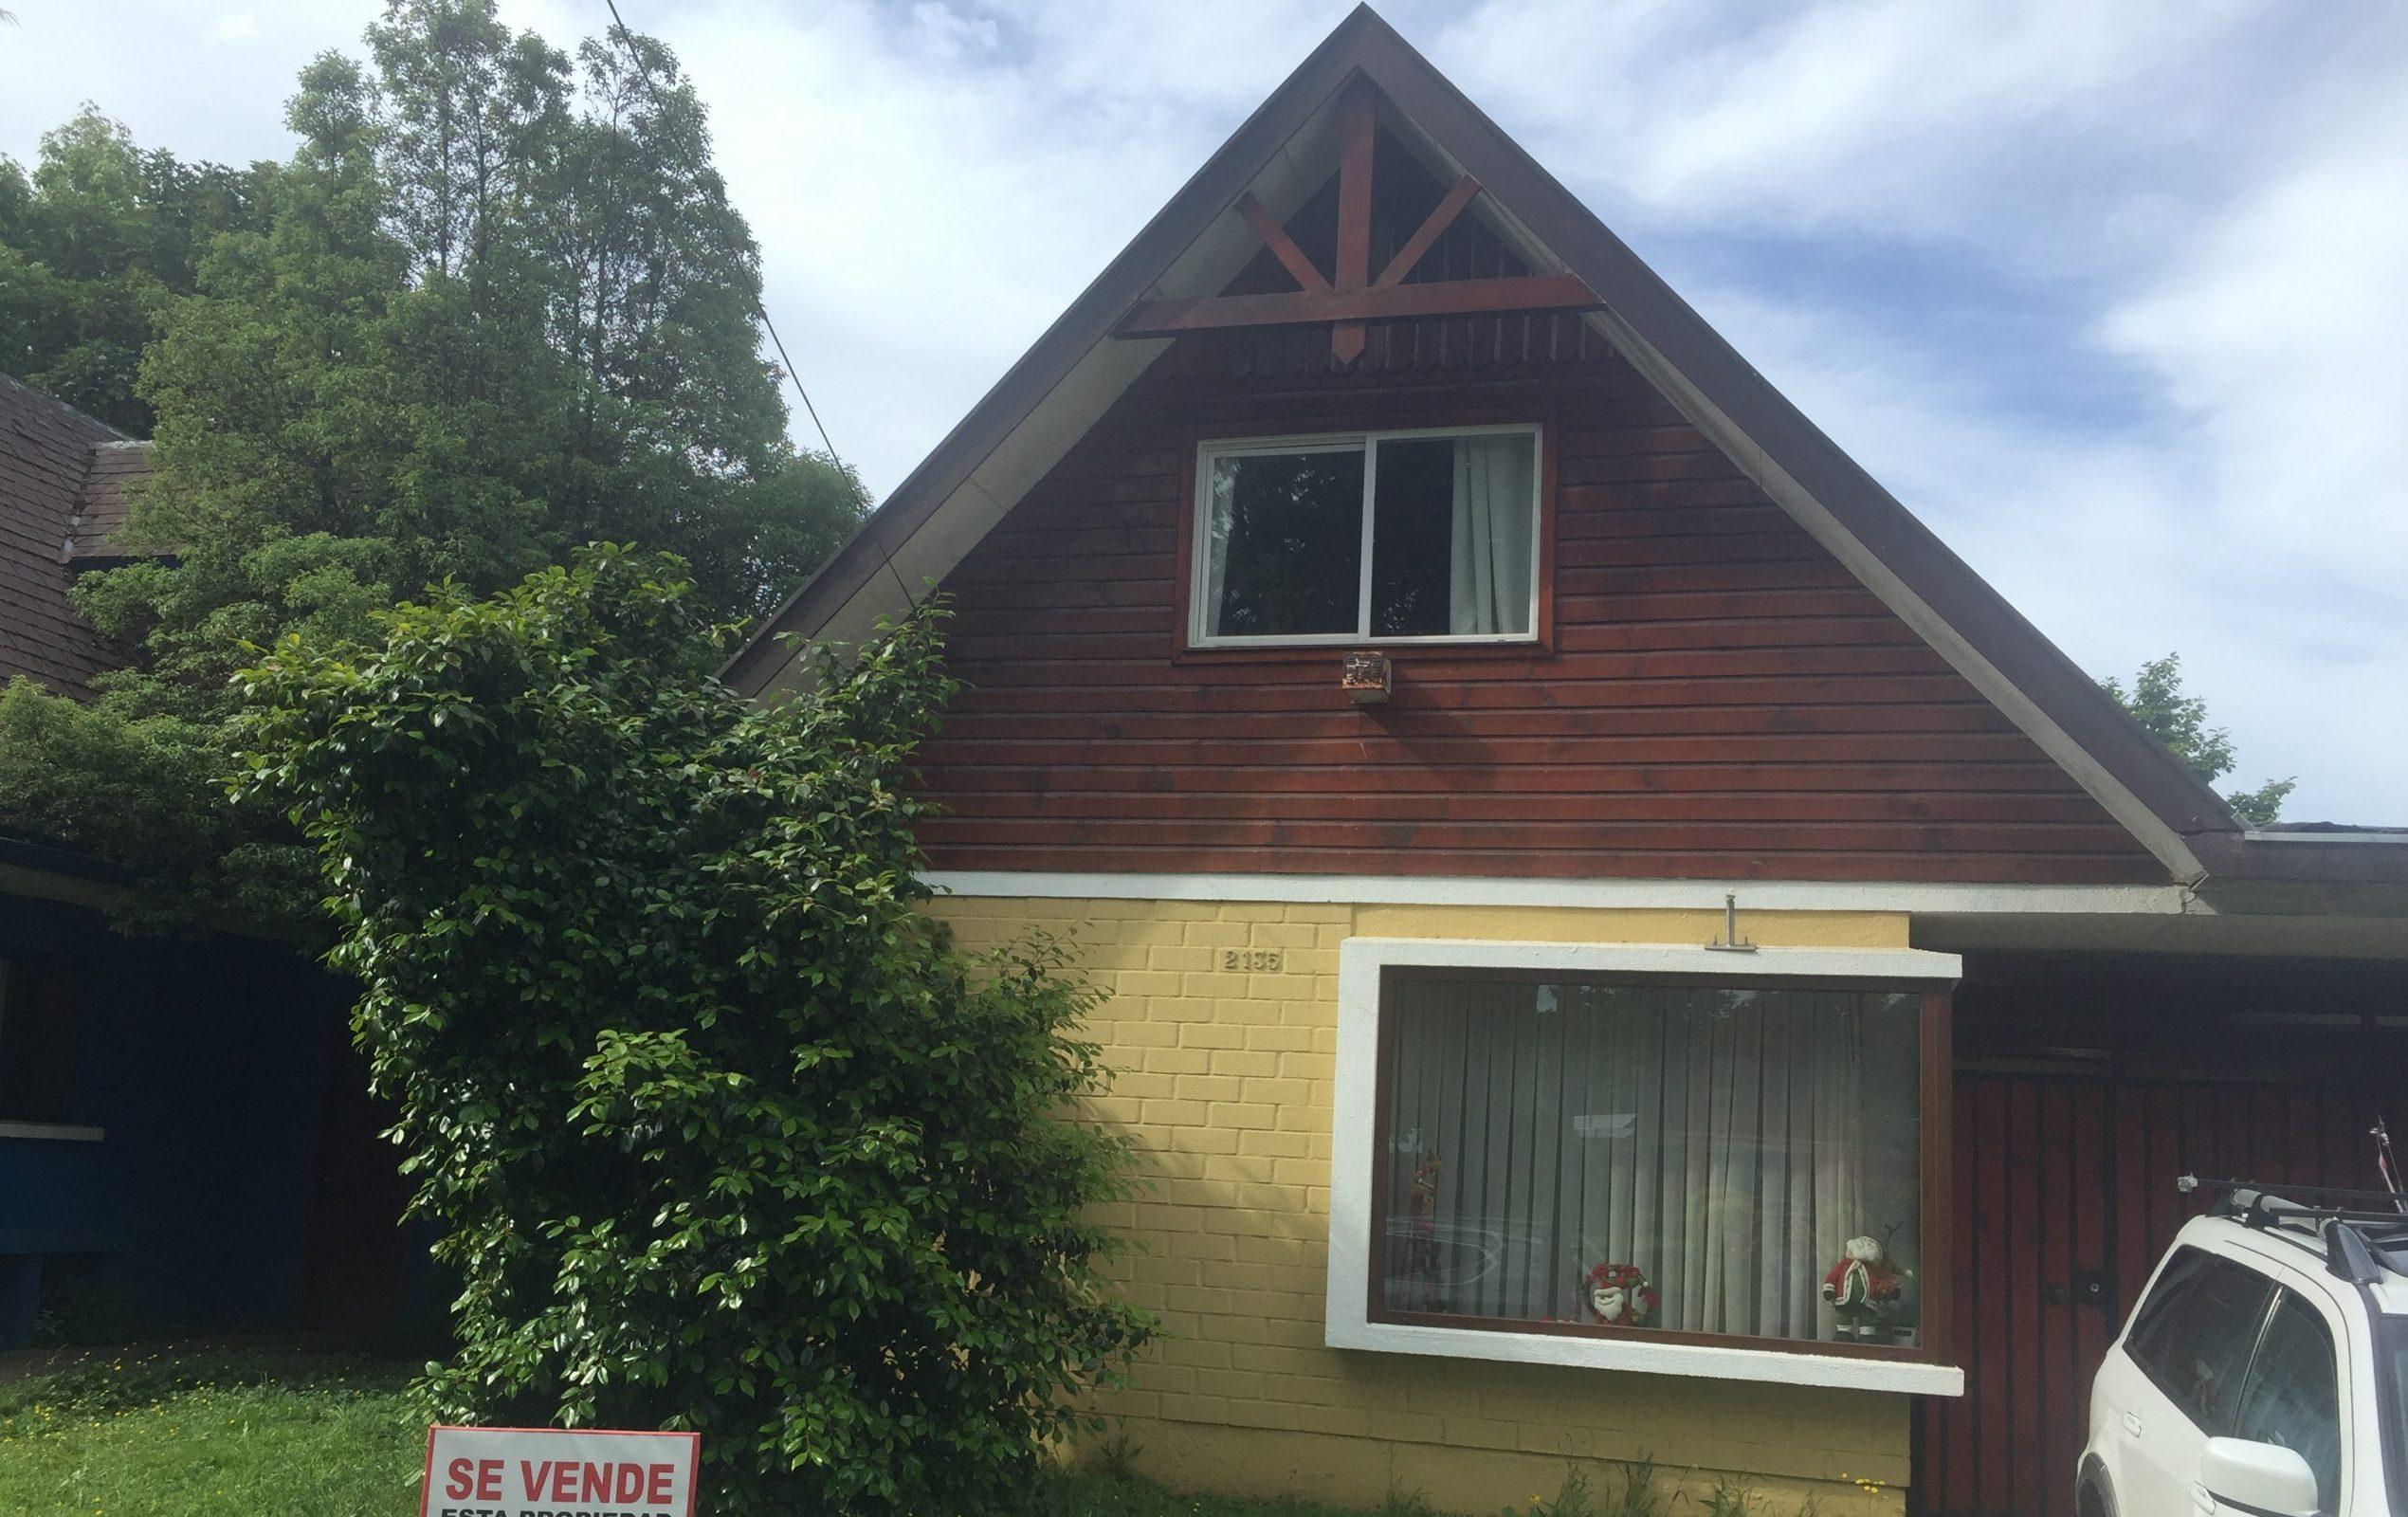 Casa de 3 dormitorios en Avda. Circunvalación, El Bosque, Valdivia